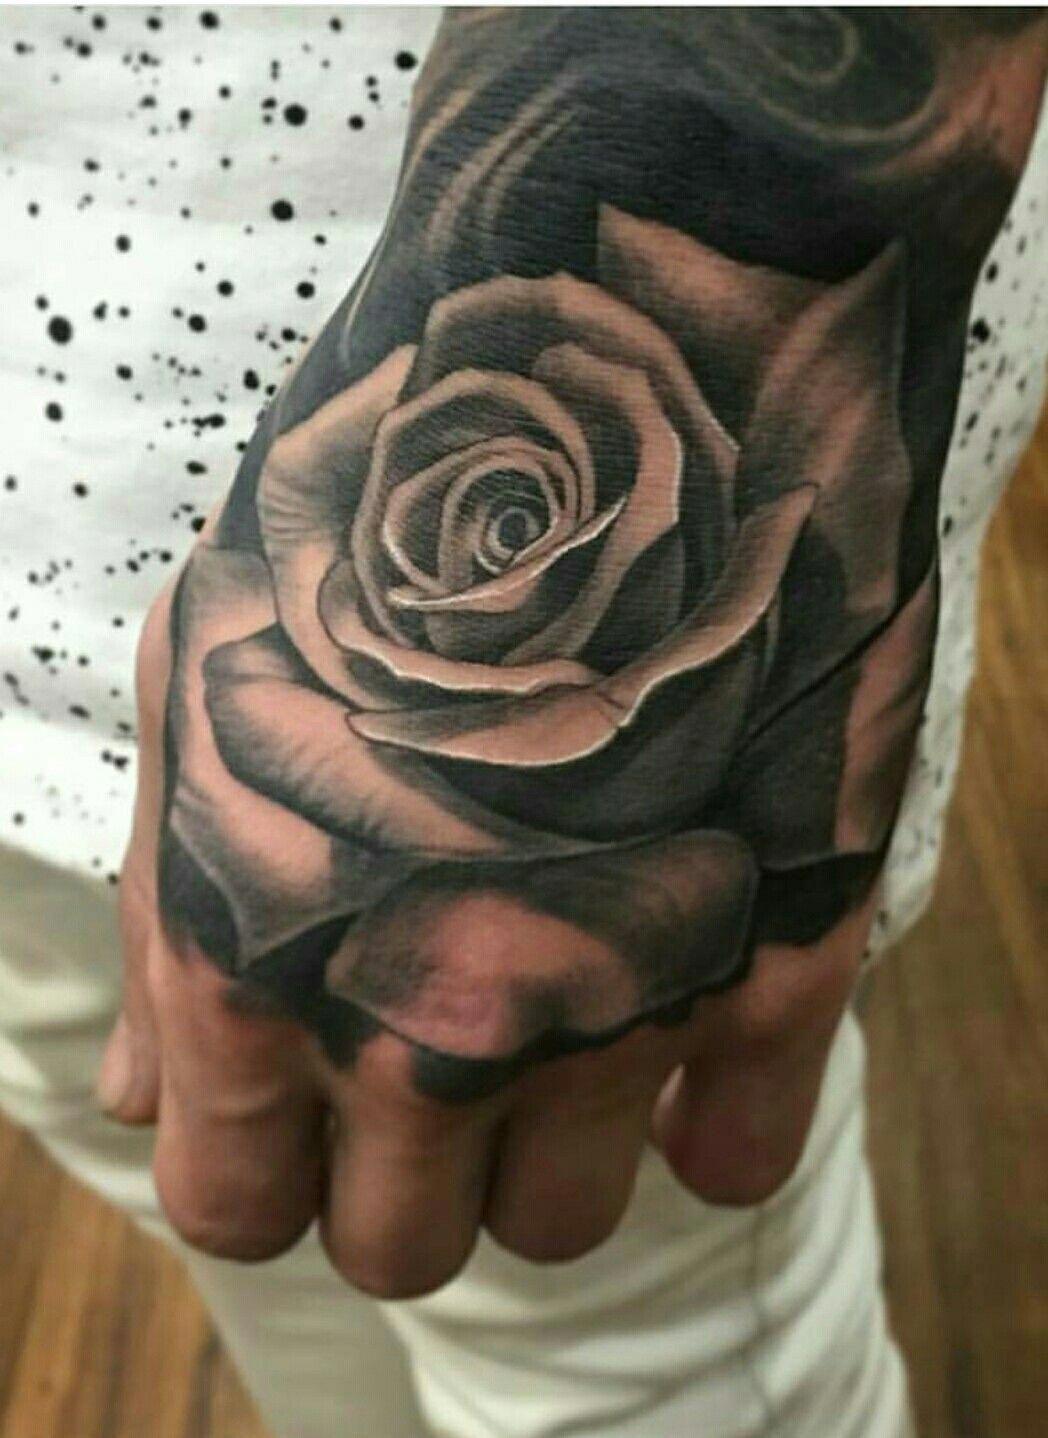 Tattoos For Men Bear Tattoosformen Hand Tattoos For Guys Hand Tattoos Rose Hand Tattoo